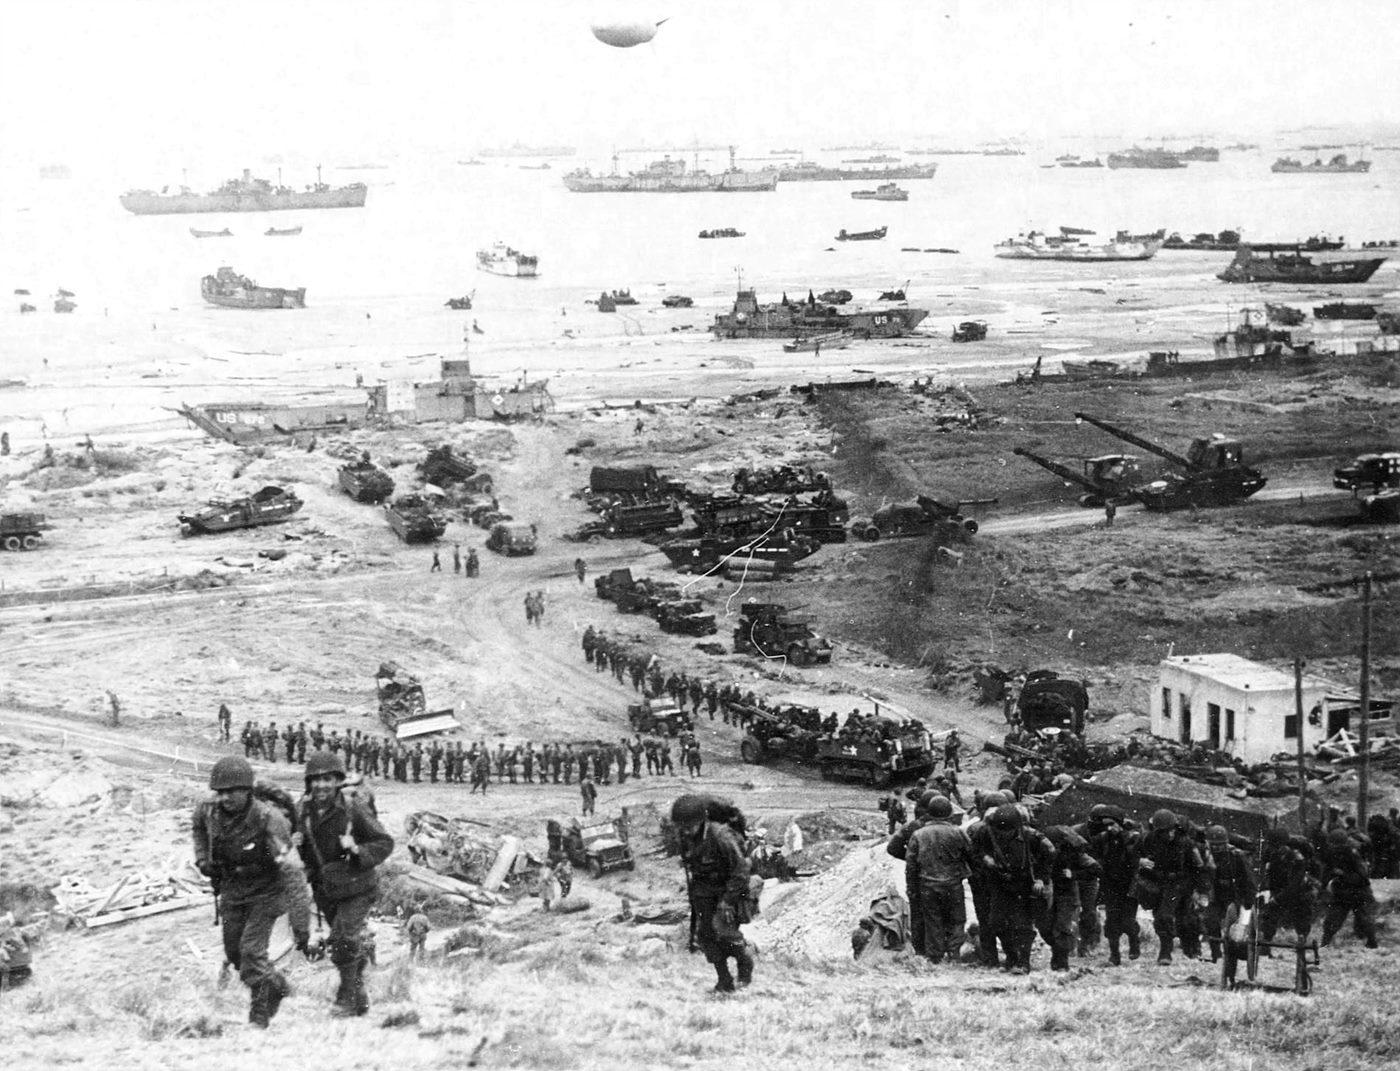 노르망디 상륙작전 사진 / 출처 : wekipedia